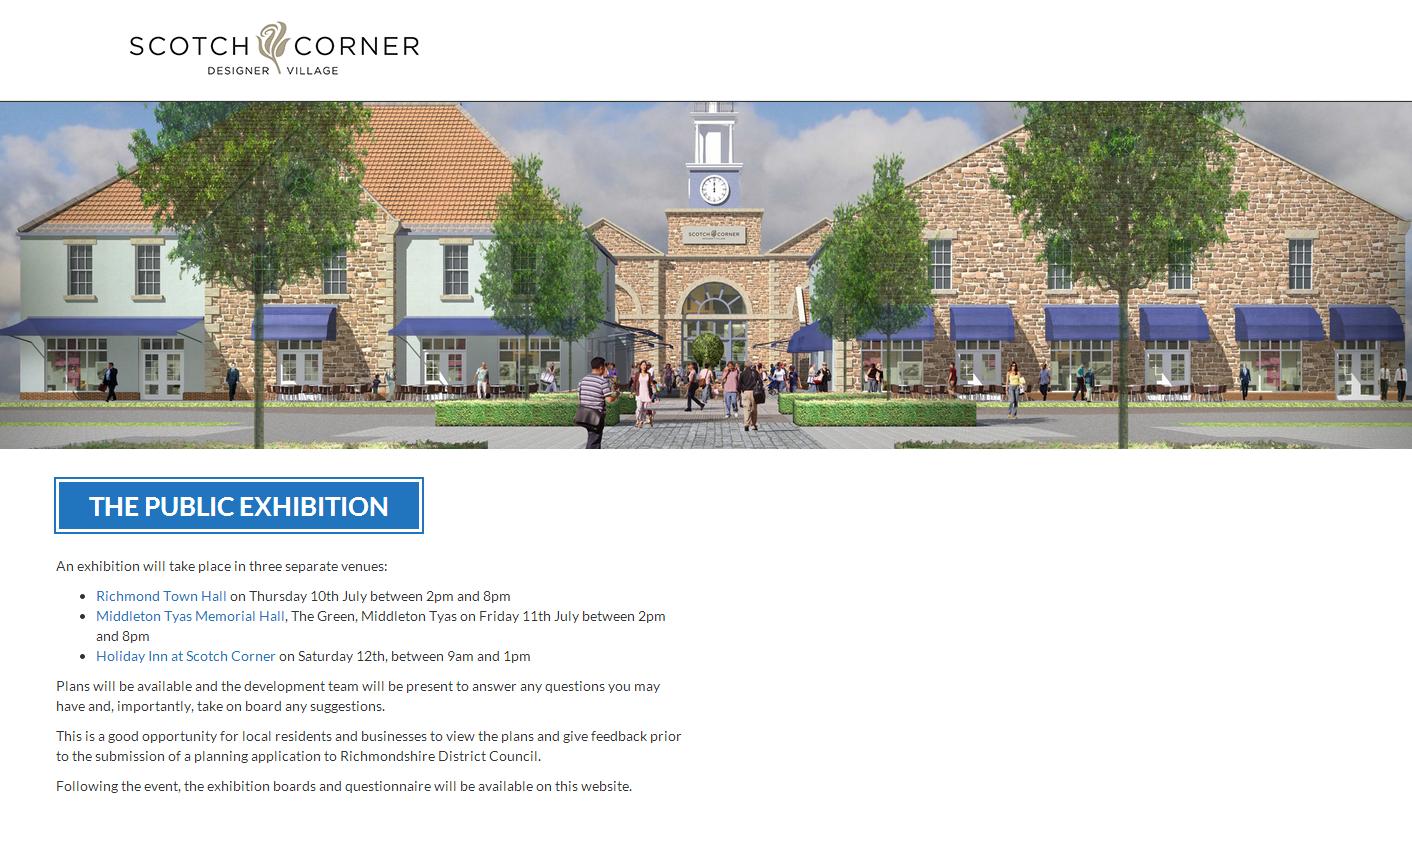 Scotch Corner Designer Village